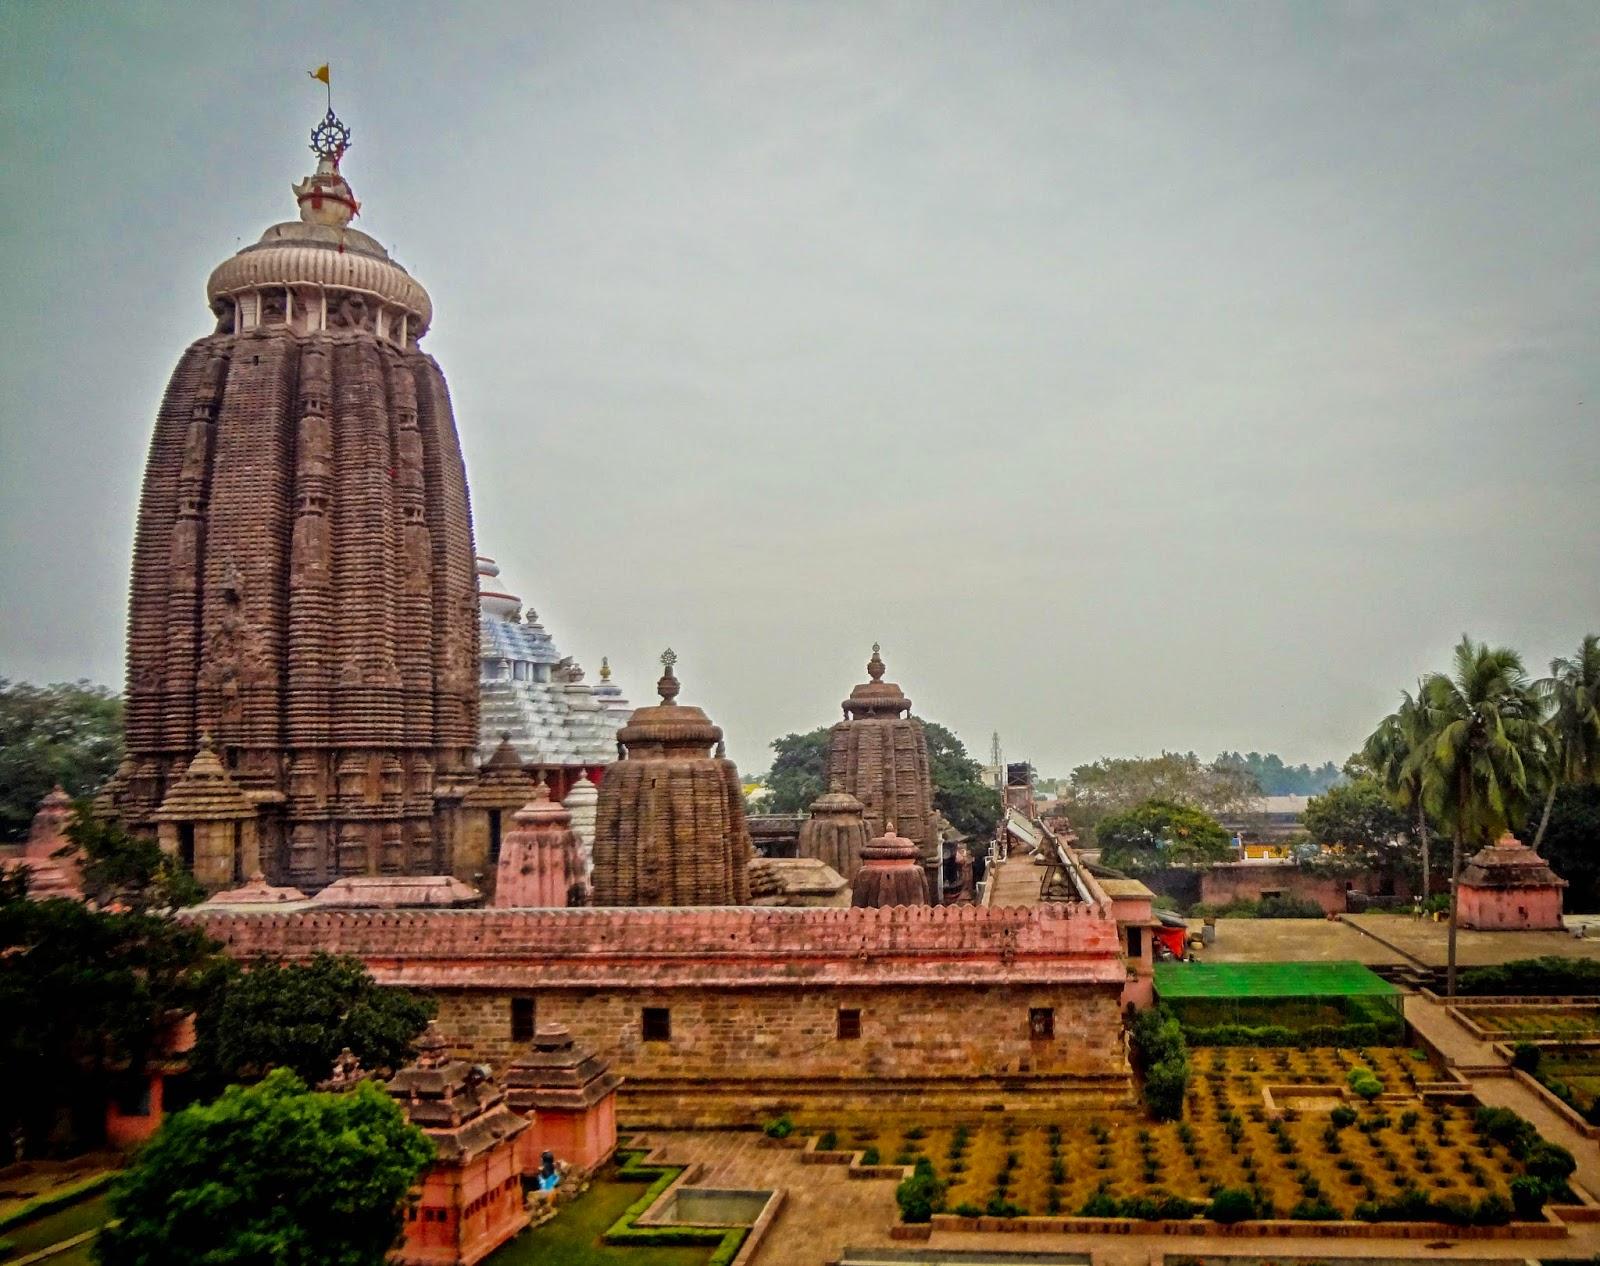 श्री जगन्नाथ मंदिर, पुरी (Jagnnath Temple, Puri)